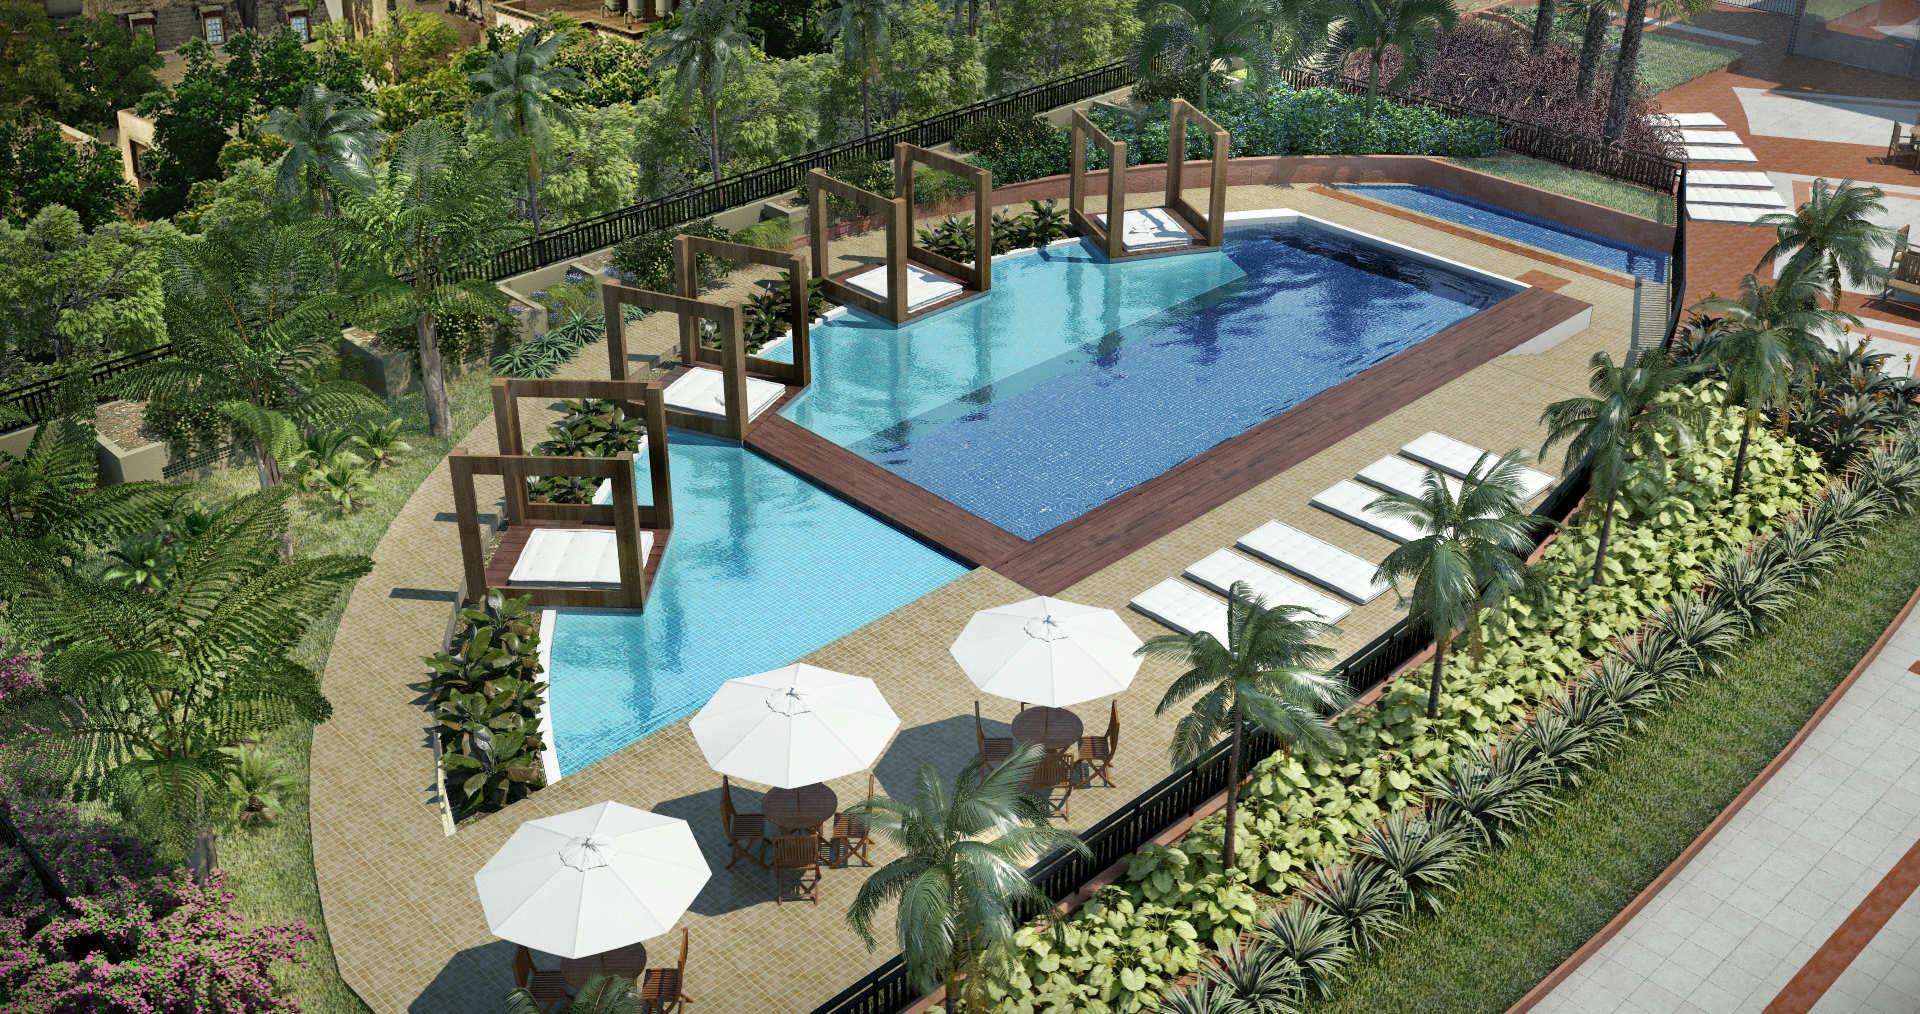 vegus piscina aerea